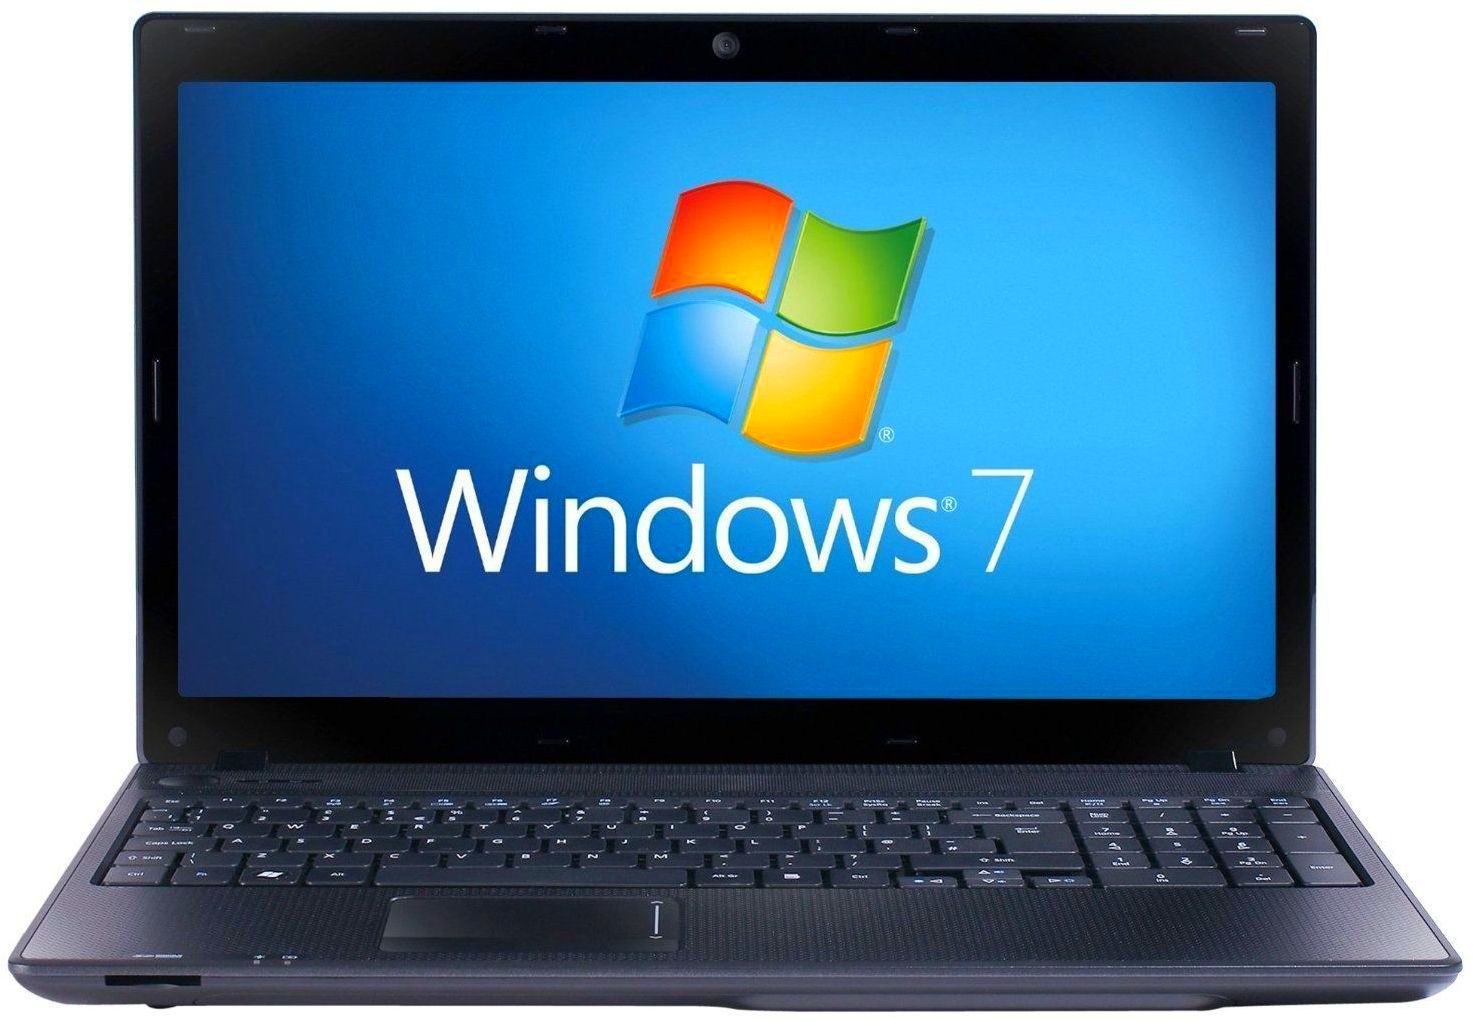 Вситуации, когда с компакт диска осуществить загрузку не представляется возможным, можно установить операционную систему с флешки